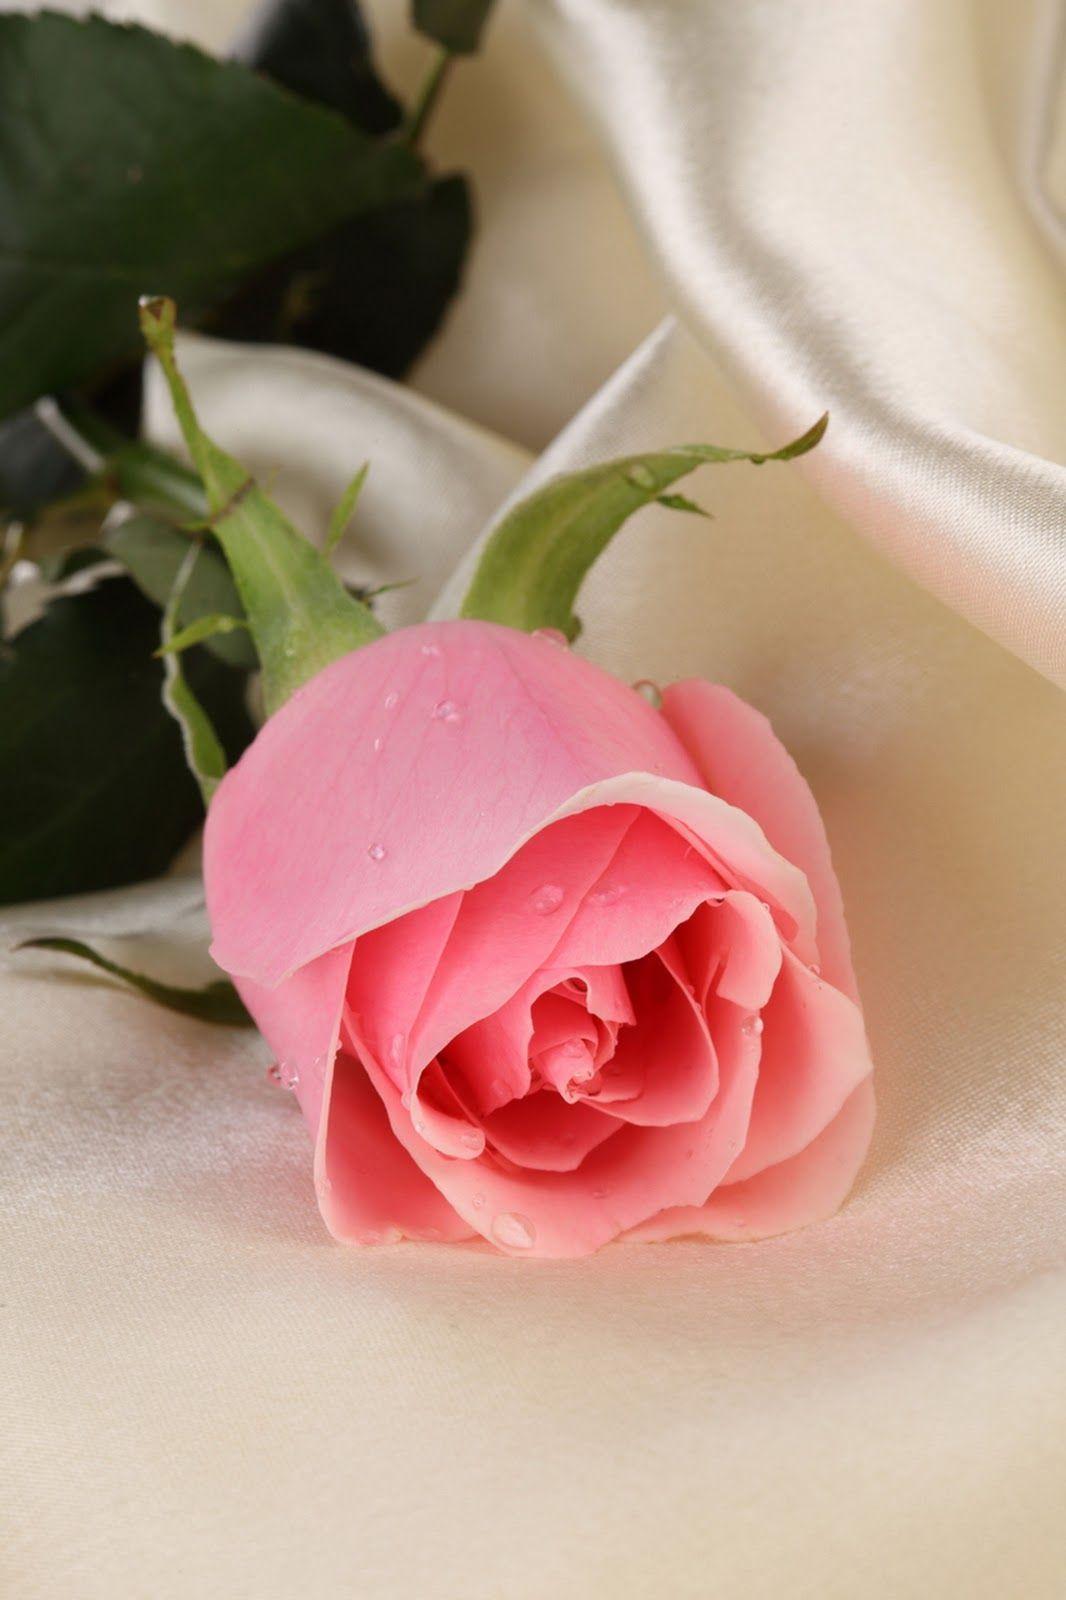 15 Background Bunga Mawar Untuk Hp Galeri Bunga Hd Di 2020 Bunga Mawar Cantik Mawar Pink